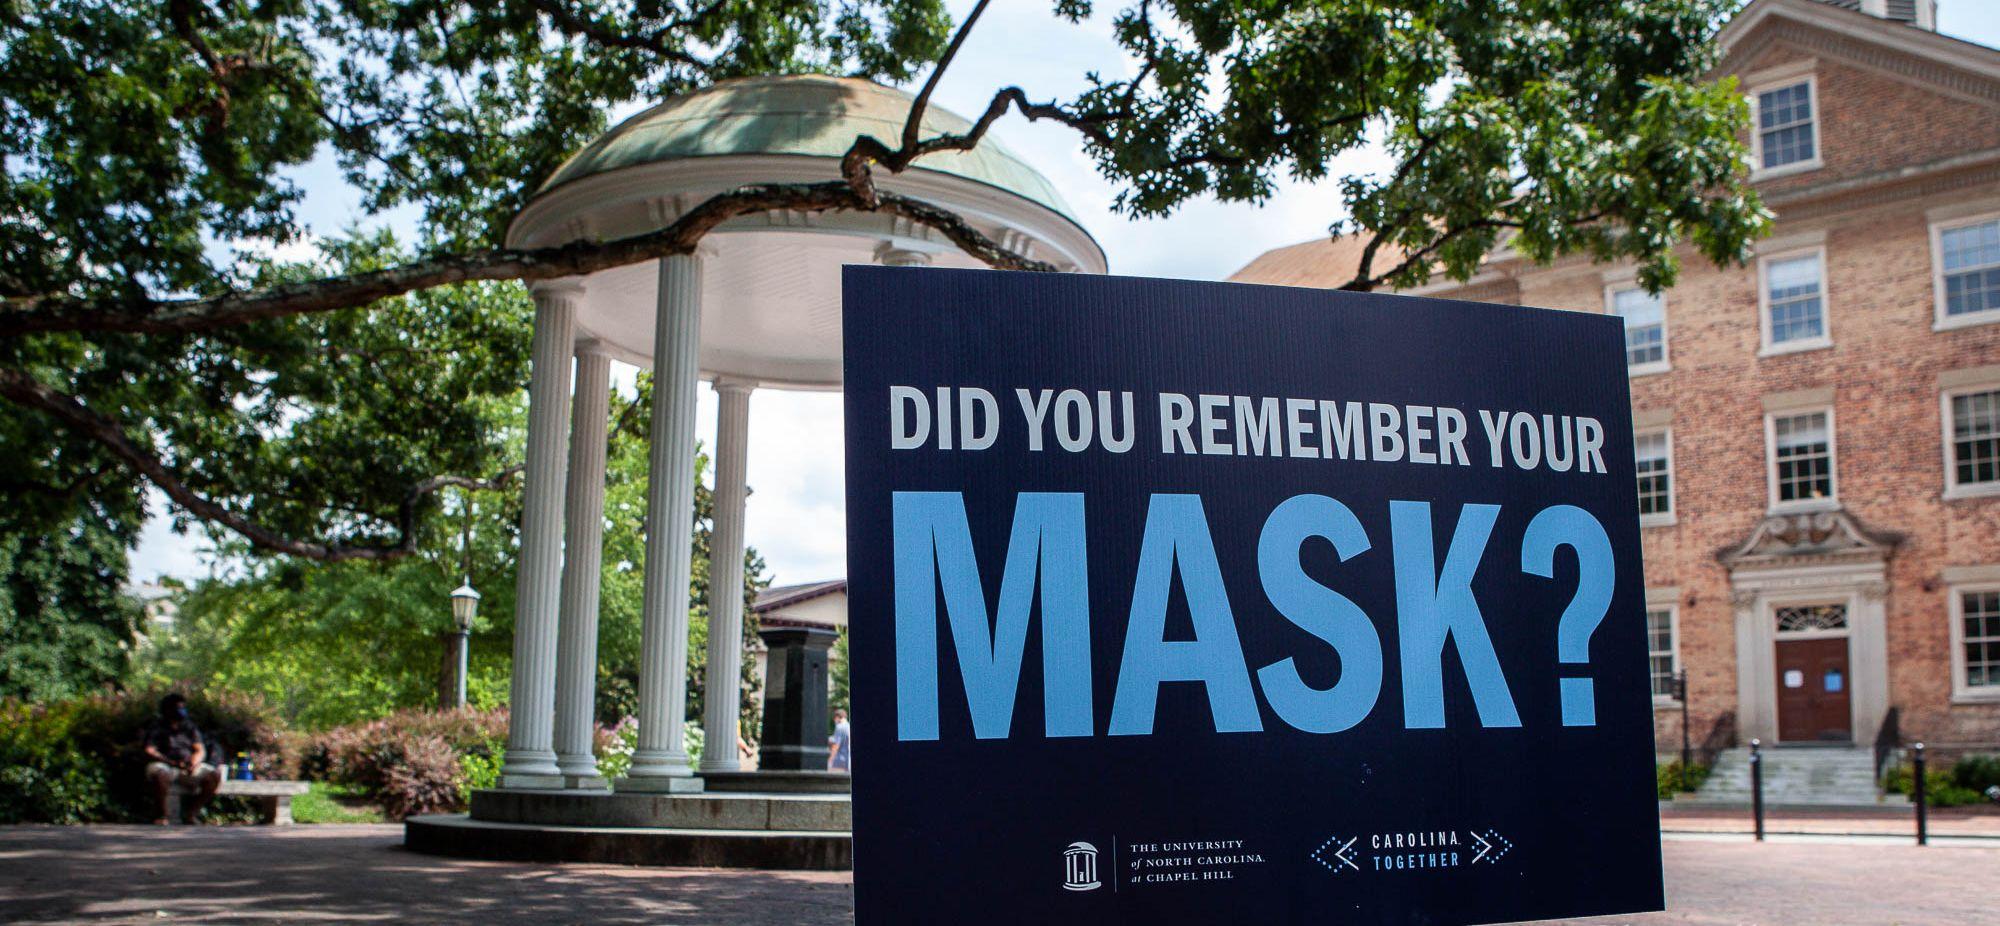 北卡羅萊納大學教堂山分校在開學幾周後,因病毒疫情嚴重,已重新恢復在線教學。    Chapelboro圖片